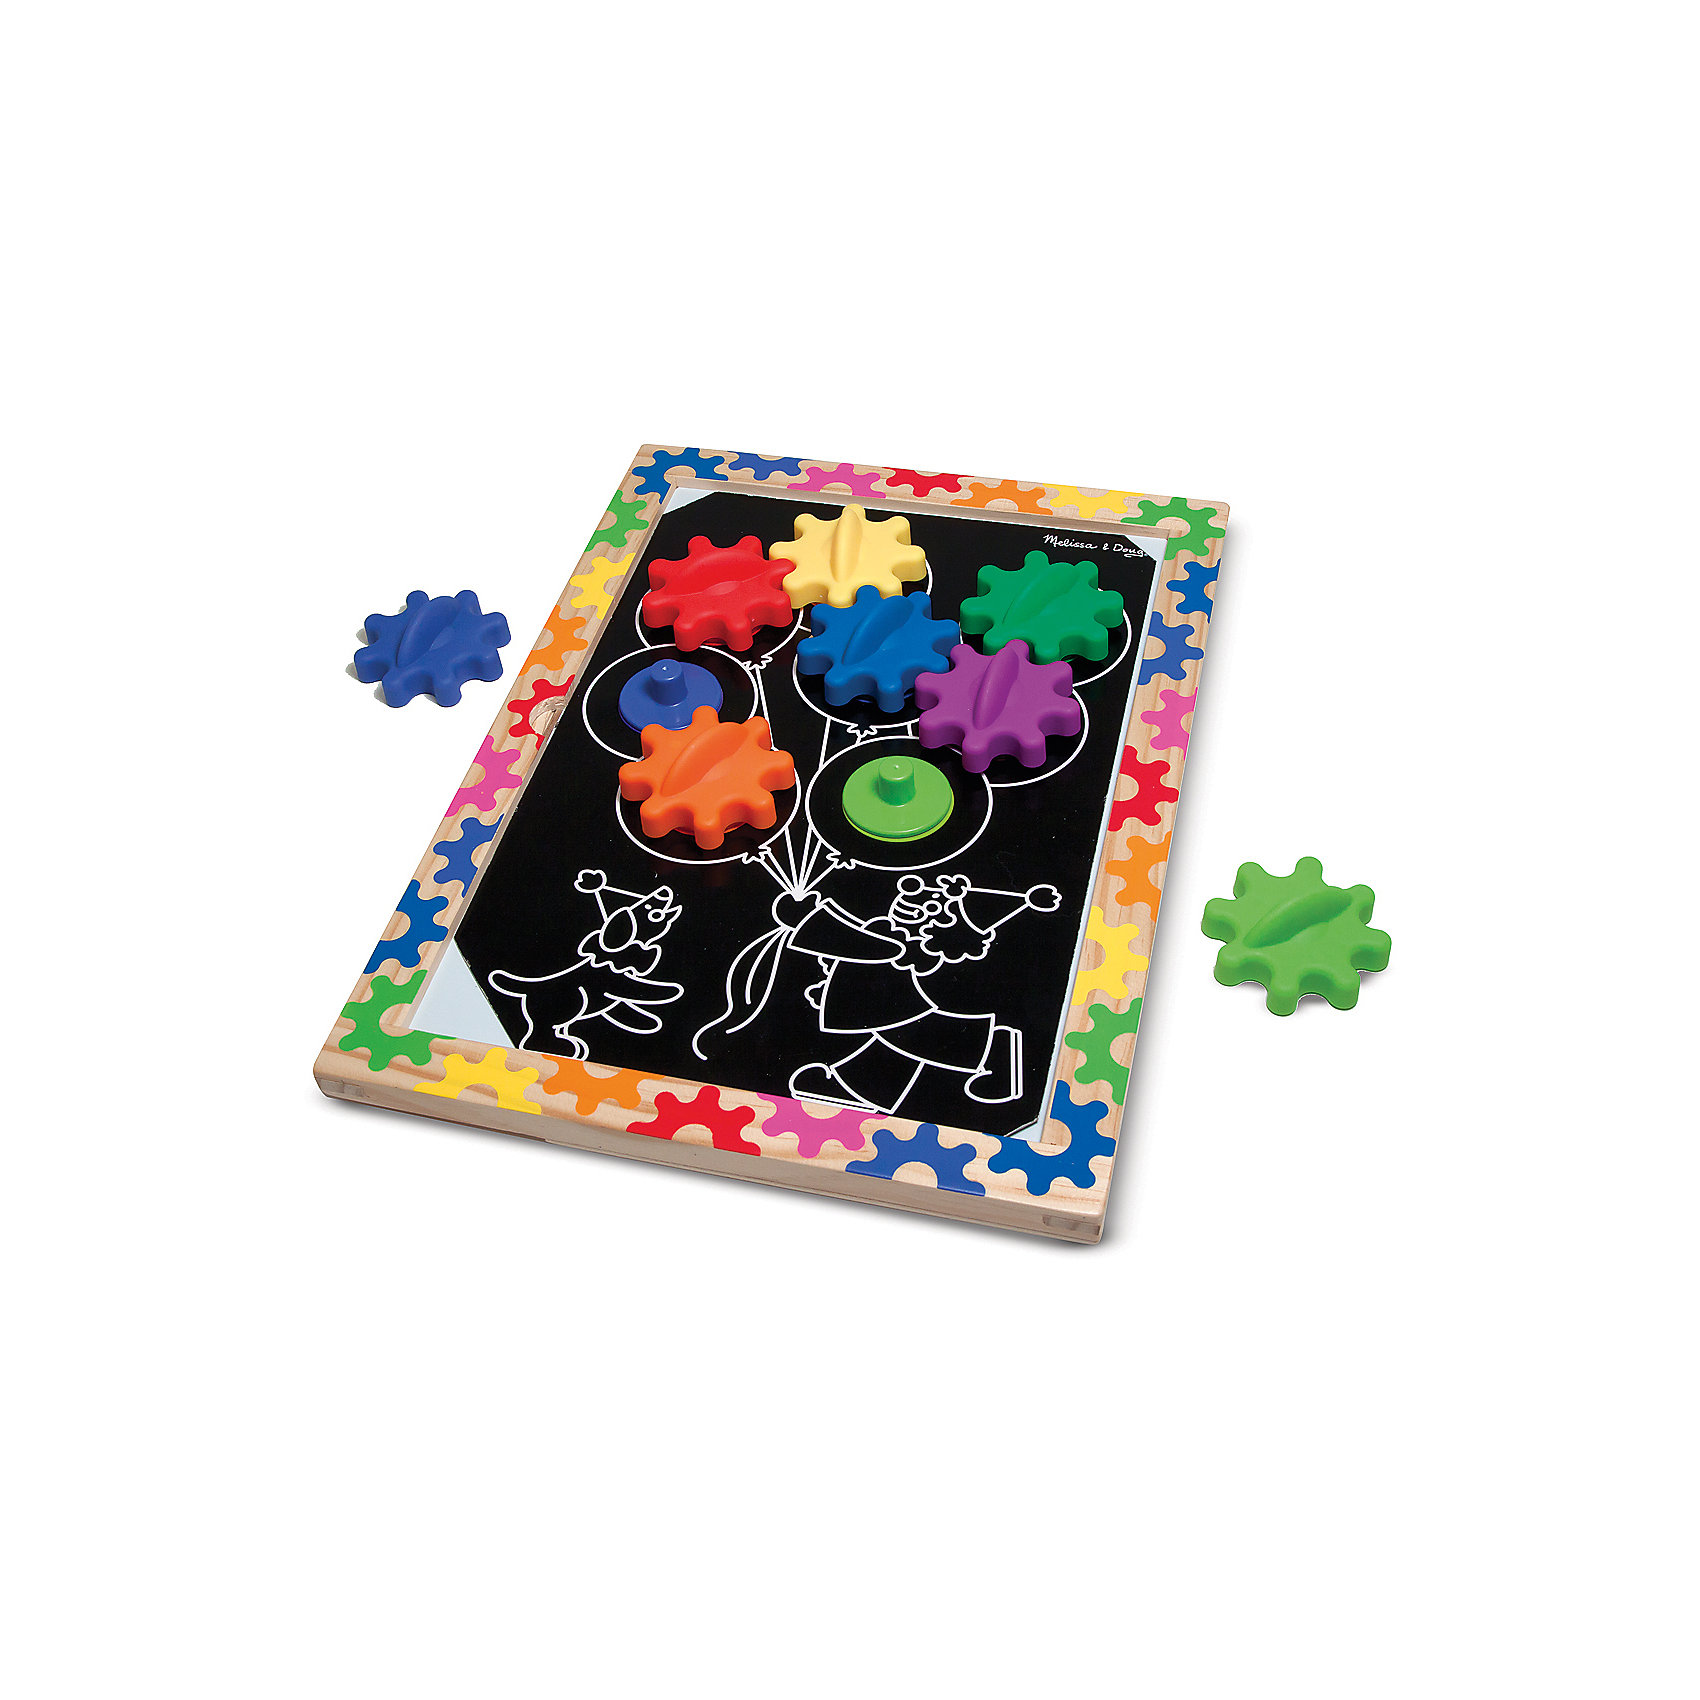 Колесики на магнитах в рамке, Melissa &amp; DougРазвивающие игры<br>Замечательная и занимательная игрушка - колесики на магнитах в рамке от известного бренда Melissa &amp; Doug.  Ваш ребенок сам сможет выбрать один из десяти представленных шаблонов и вставить его в деревянную рамку. В каждом шаблоне есть отверстия, вставив в которые колесики, вы увидите удивительные механизмы. Игра развивает мелкую моторику, пространственное воображение, фантазию, логику, познавательный интерес и цветовое восприятие. Обладает следующими особенностями:<br>- экологически чистые материалы, безопасные красители;<br>- яркие цвета;<br>- 10 шаблонов;<br>- крупные элементы удобны даже для маленьких ручек.<br>Отличная игрушка для детей!<br><br>Дополнительная информация:<br>- вес: 1133 гр;<br>- габариты: 280х380х30 мм;<br>- рекомендуемый возраст: от 1 года с участием родителей.<br><br>Колесики на магнитах в рамке Melissa &amp; Doug можно купить в нашем магазине<br><br>Ширина мм: 280<br>Глубина мм: 380<br>Высота мм: 30<br>Вес г: 1133<br>Возраст от месяцев: 24<br>Возраст до месяцев: 60<br>Пол: Унисекс<br>Возраст: Детский<br>SKU: 3927703